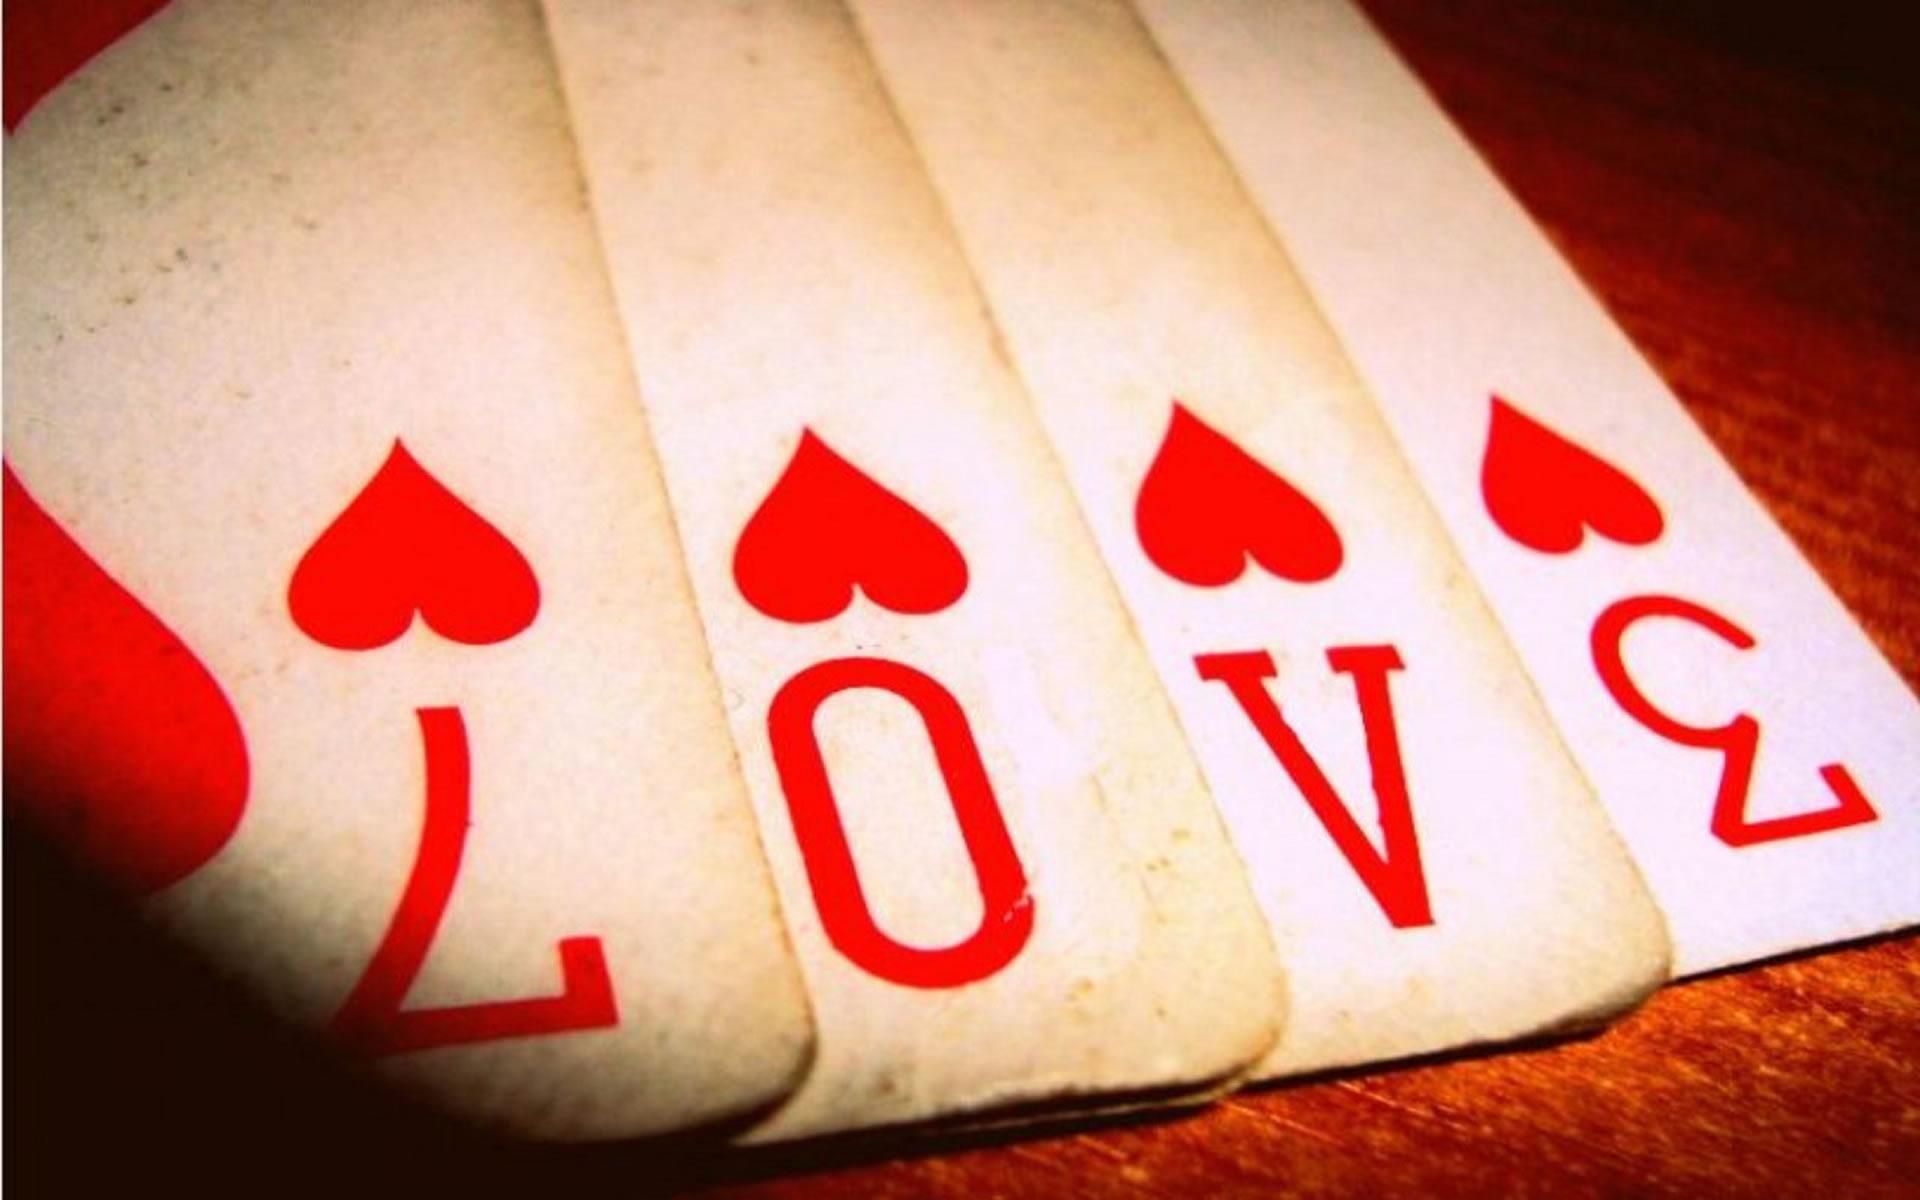 Cartas de Poker Románticas